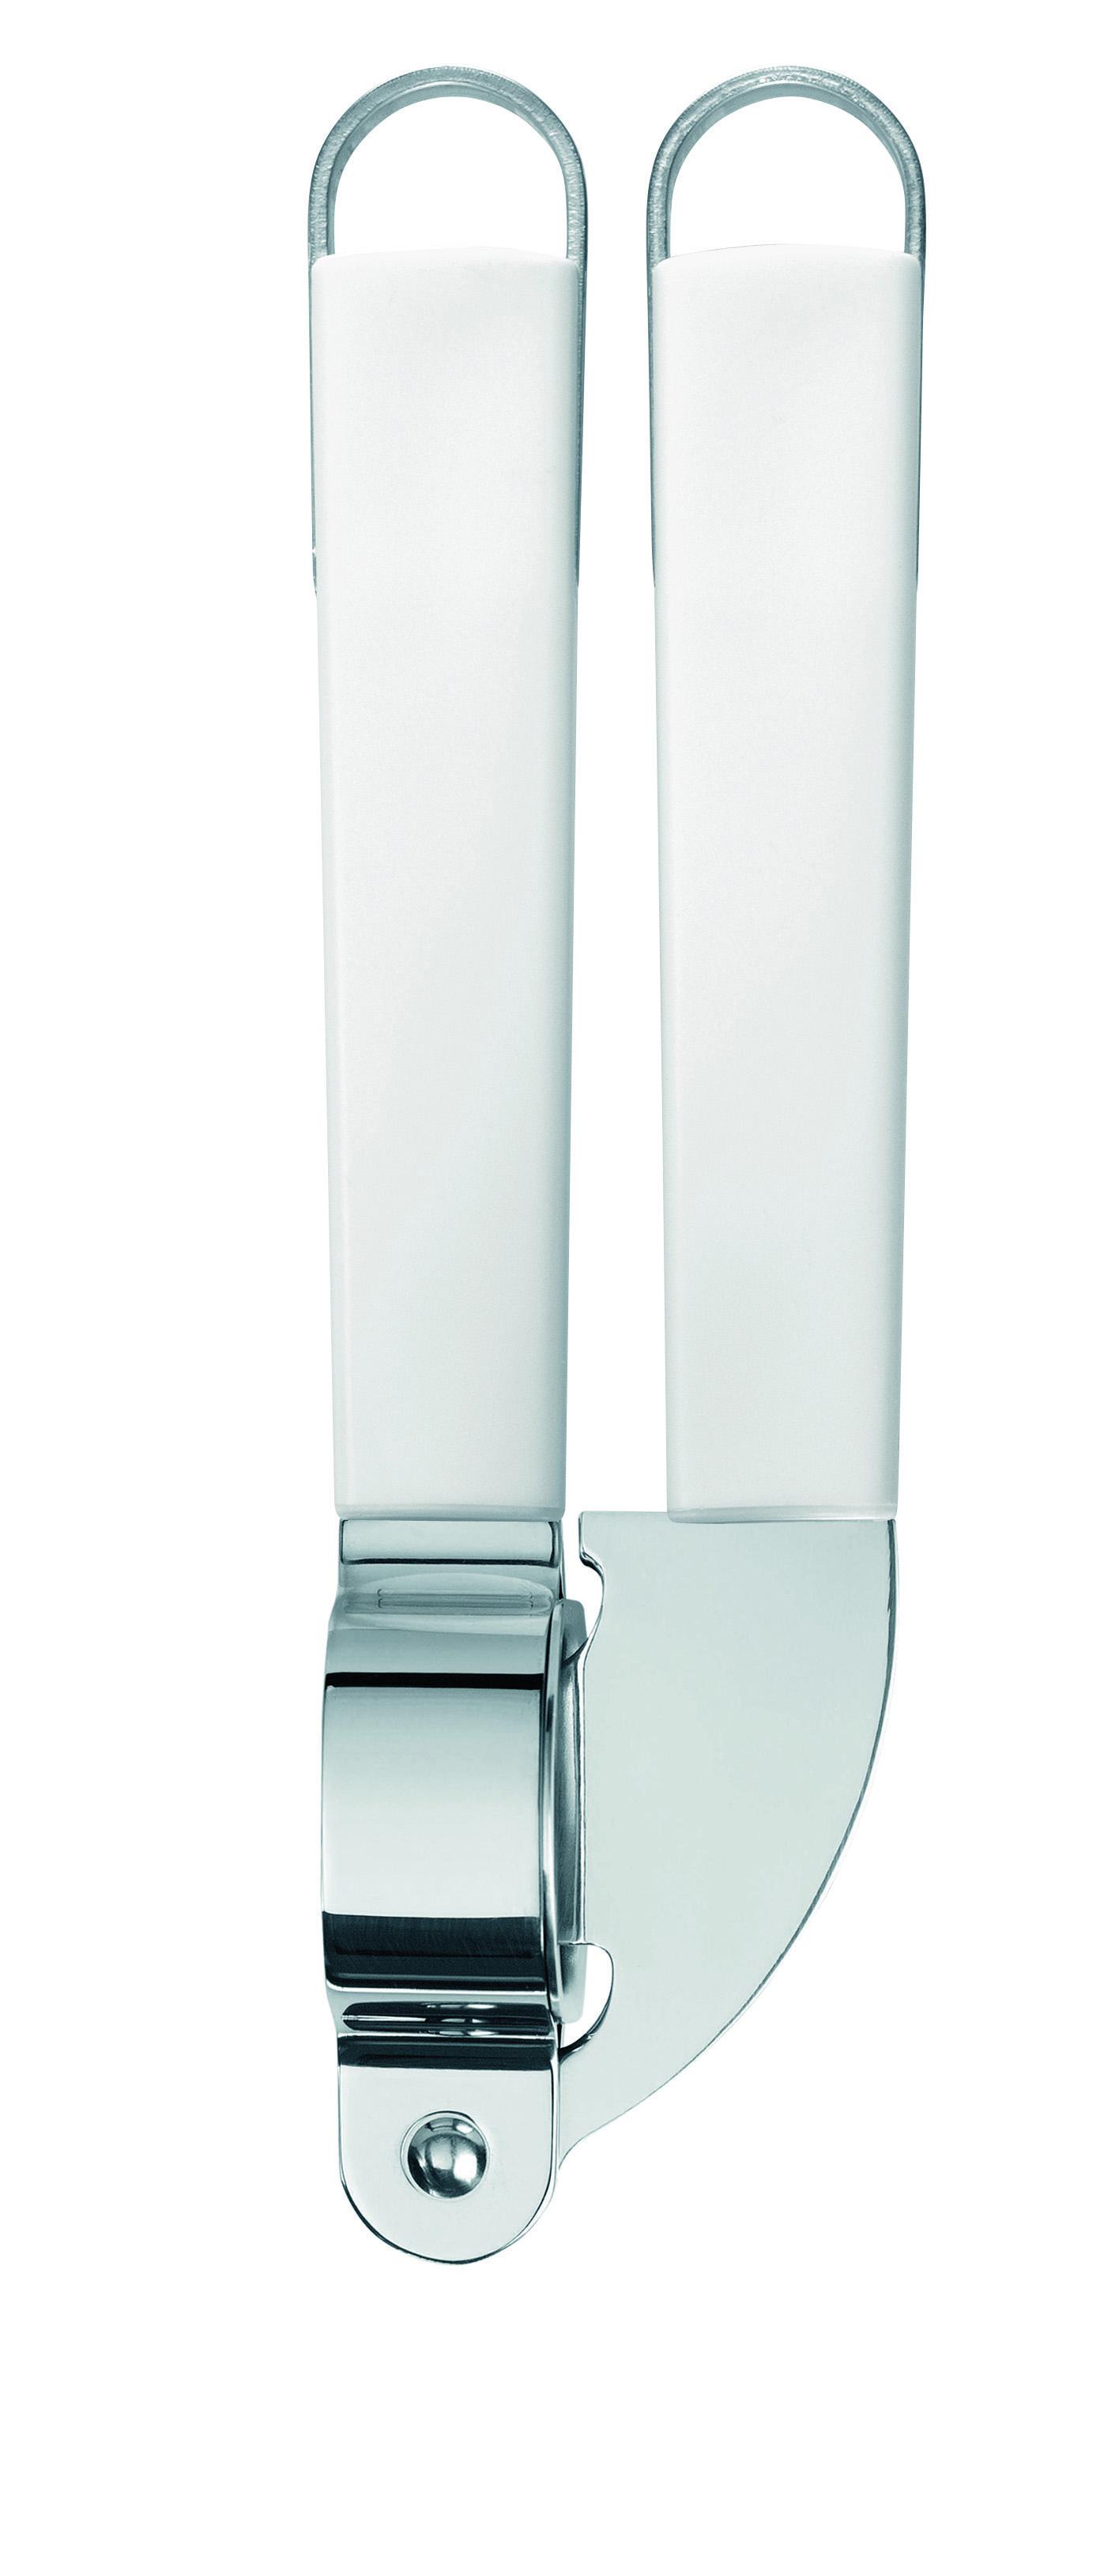 Пресс для чеснока Brabantia. 400667FS-91909Пресс Brabantia, изготовленный из качественной стали, поможет вам без особых усилий измельчить дольки чеснока без остатка. Ручки изделия выполнены из белого пластика и оснащены небольшими петельками, за которые пресс можно подвесить в любом удобном для вас месте. Практичный и удобный пресс для чеснока Brabantia займет достойное место среди аксессуаров на вашей кухне. Характеристики:Материал: пластик, сталь. Размер пресса для чеснока: 19 см х 4,5 см х 2,5 см. Артикул: 400667. Гарантия производителя: 5 лет.